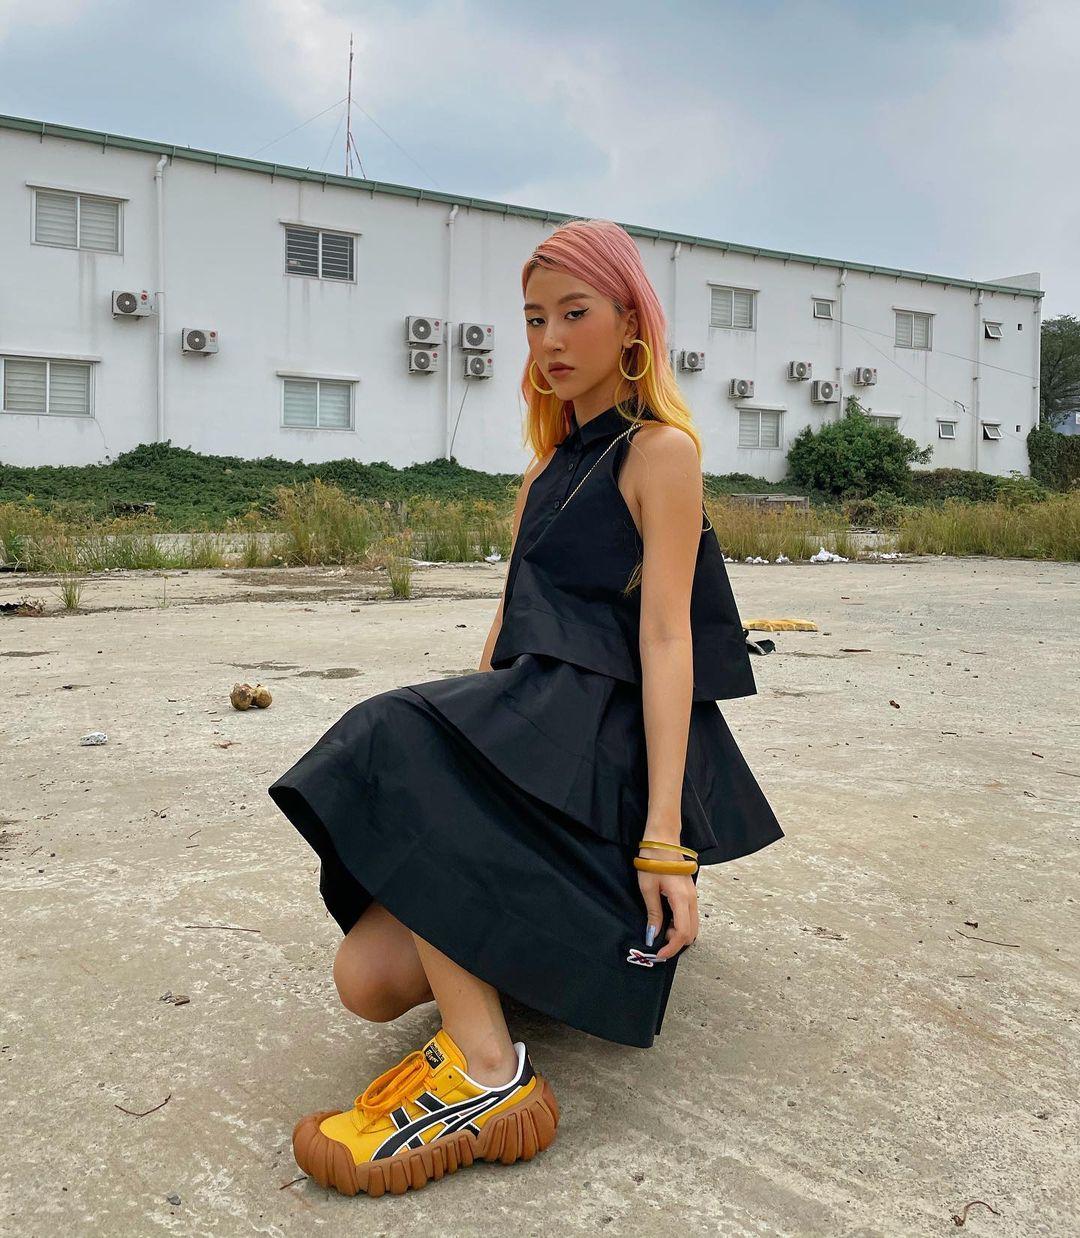 """Instagram look của sao Việt tuần qua: Đồ đen """"chiếm sóng"""", riêng Hà Tăng khoe khí chất cao sang với áo dài - Ảnh 3."""